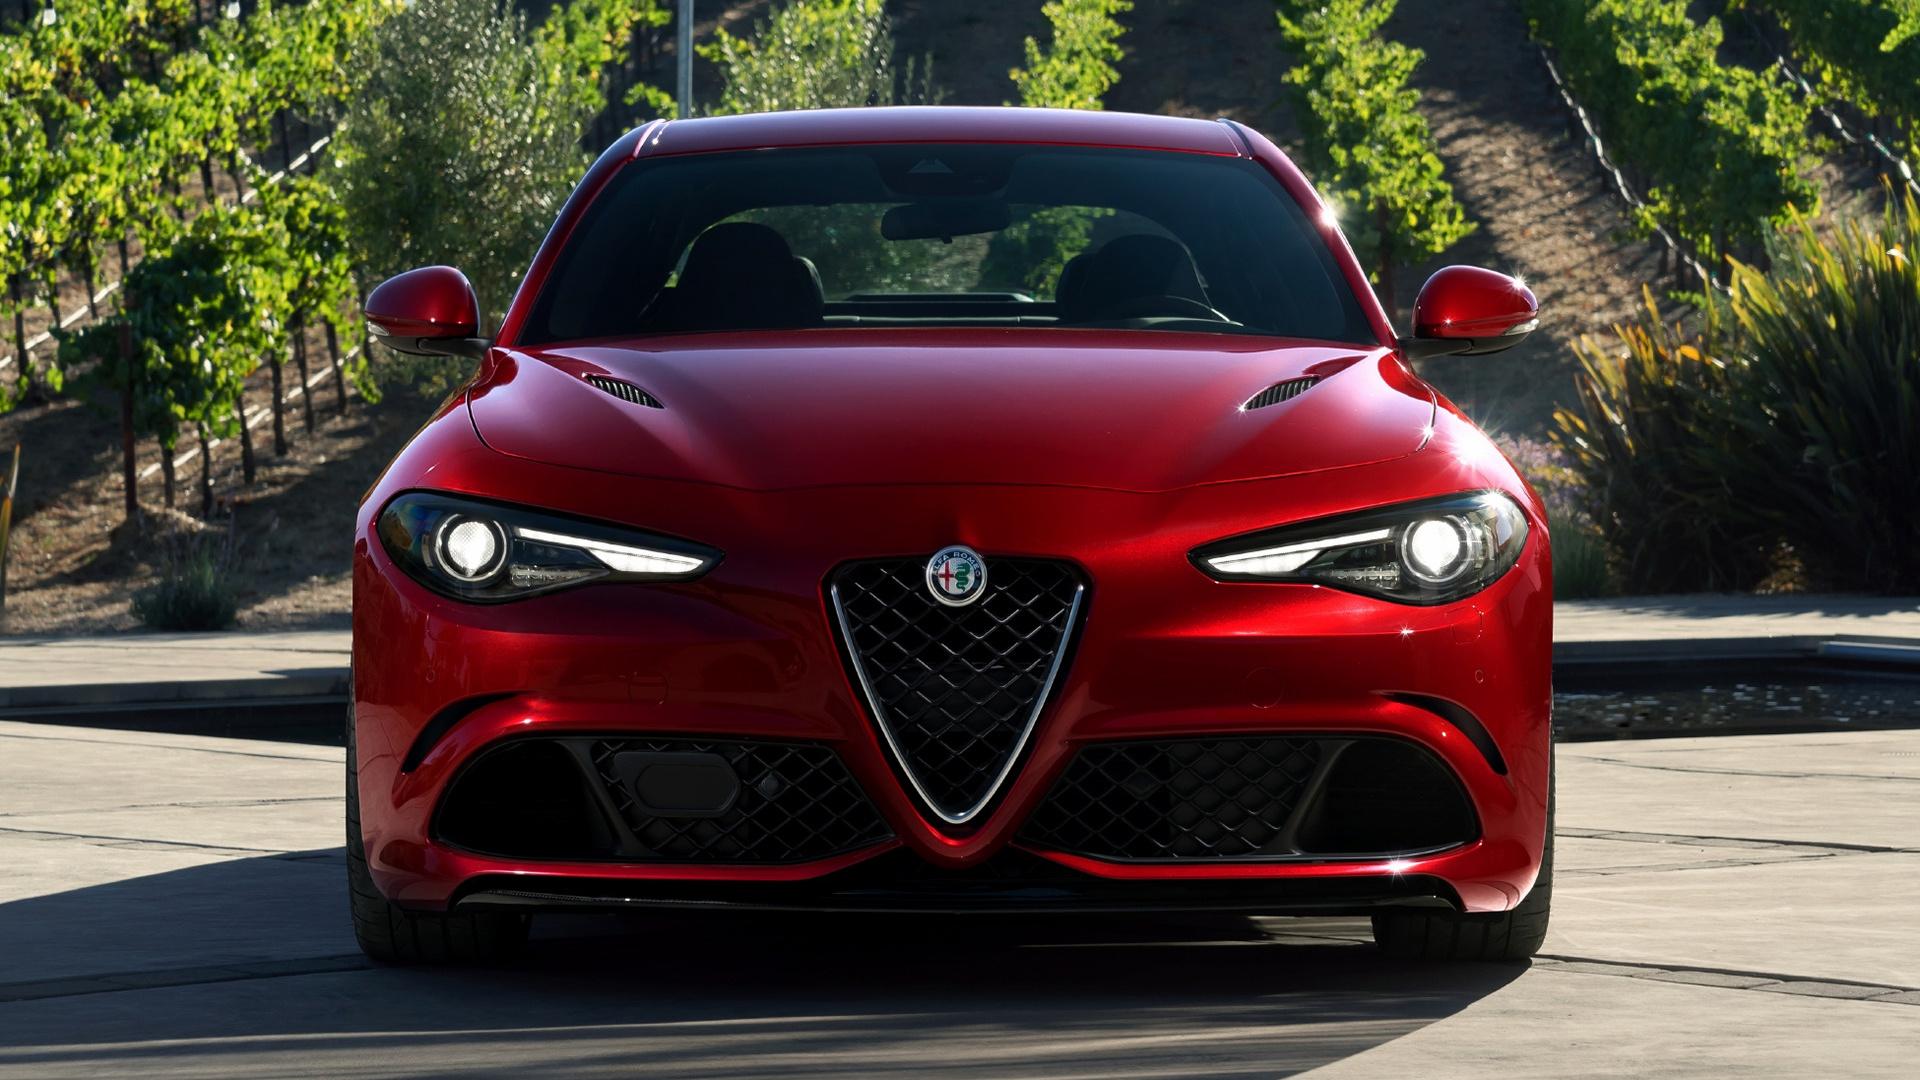 Alfa romeo sprint veloce price 13